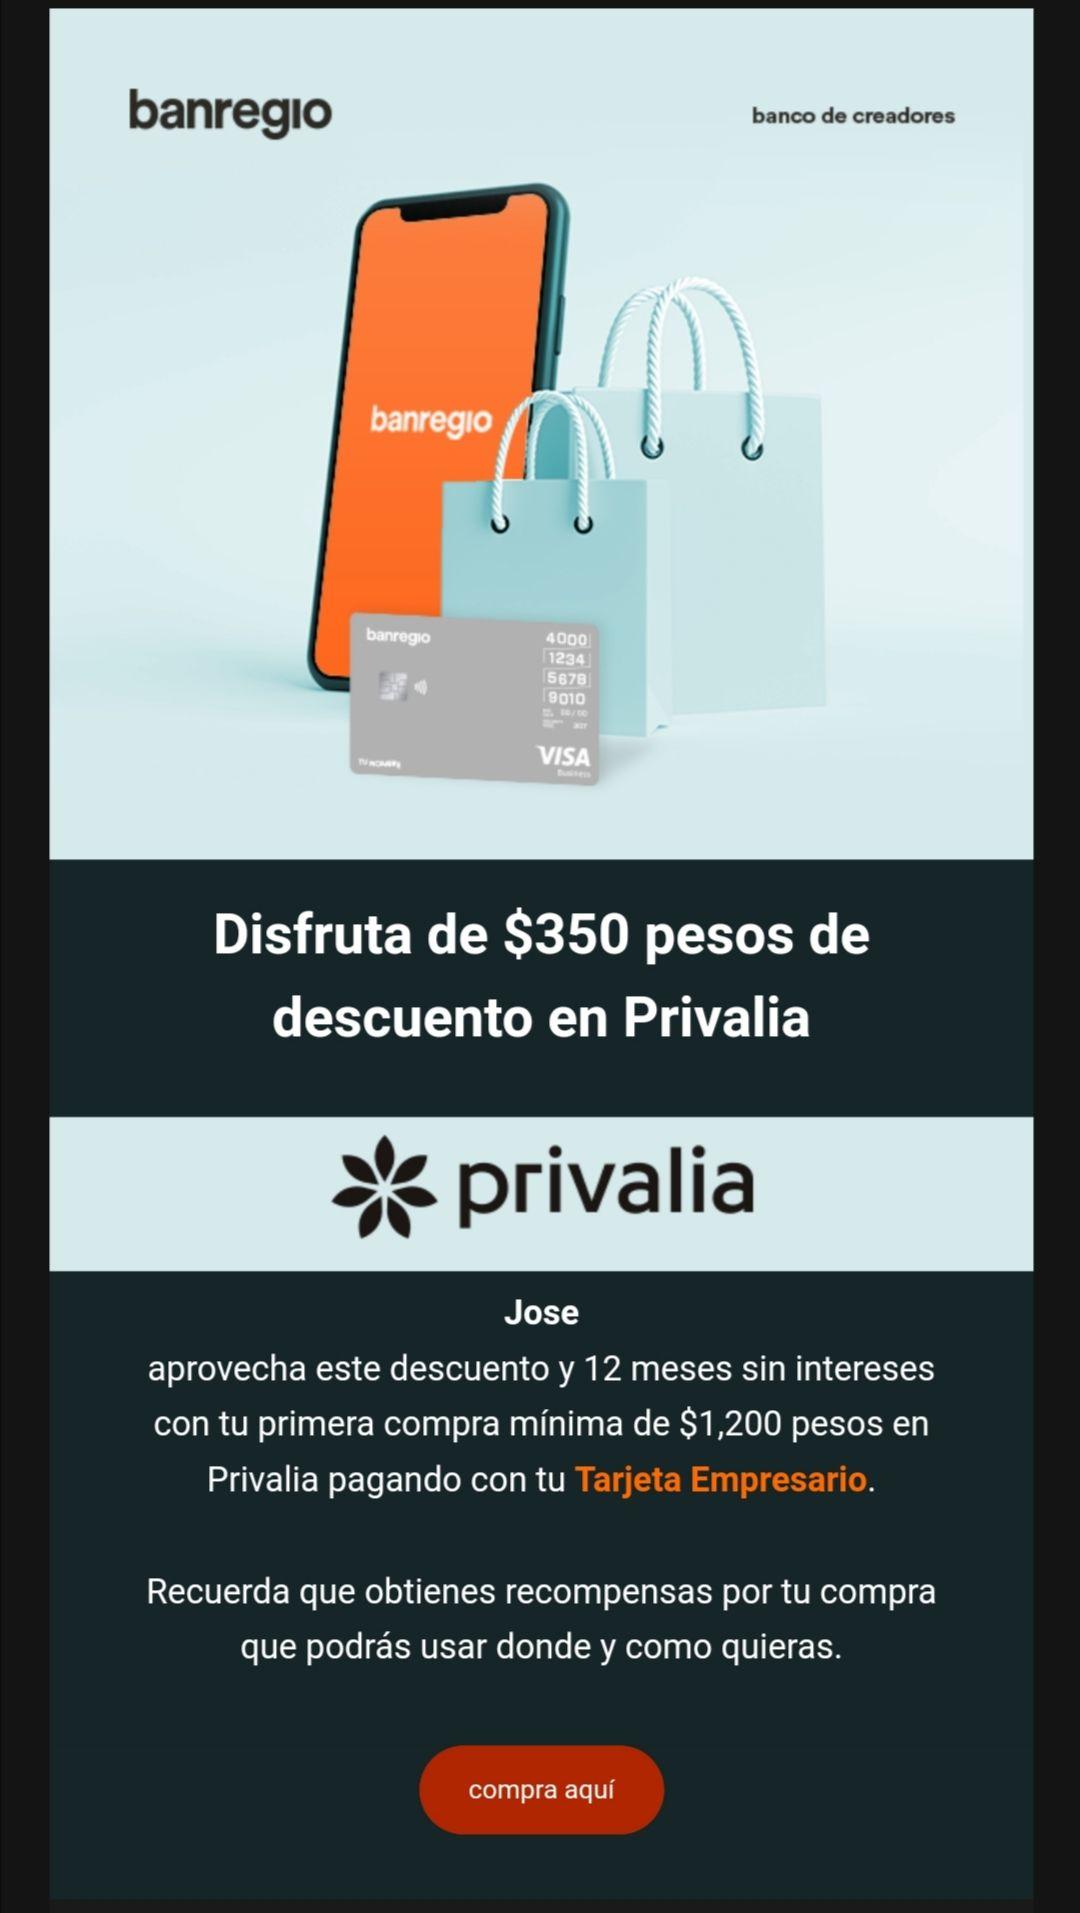 Privalia: 350 pesos gratis en Privalia con tarjeta empresario banregio